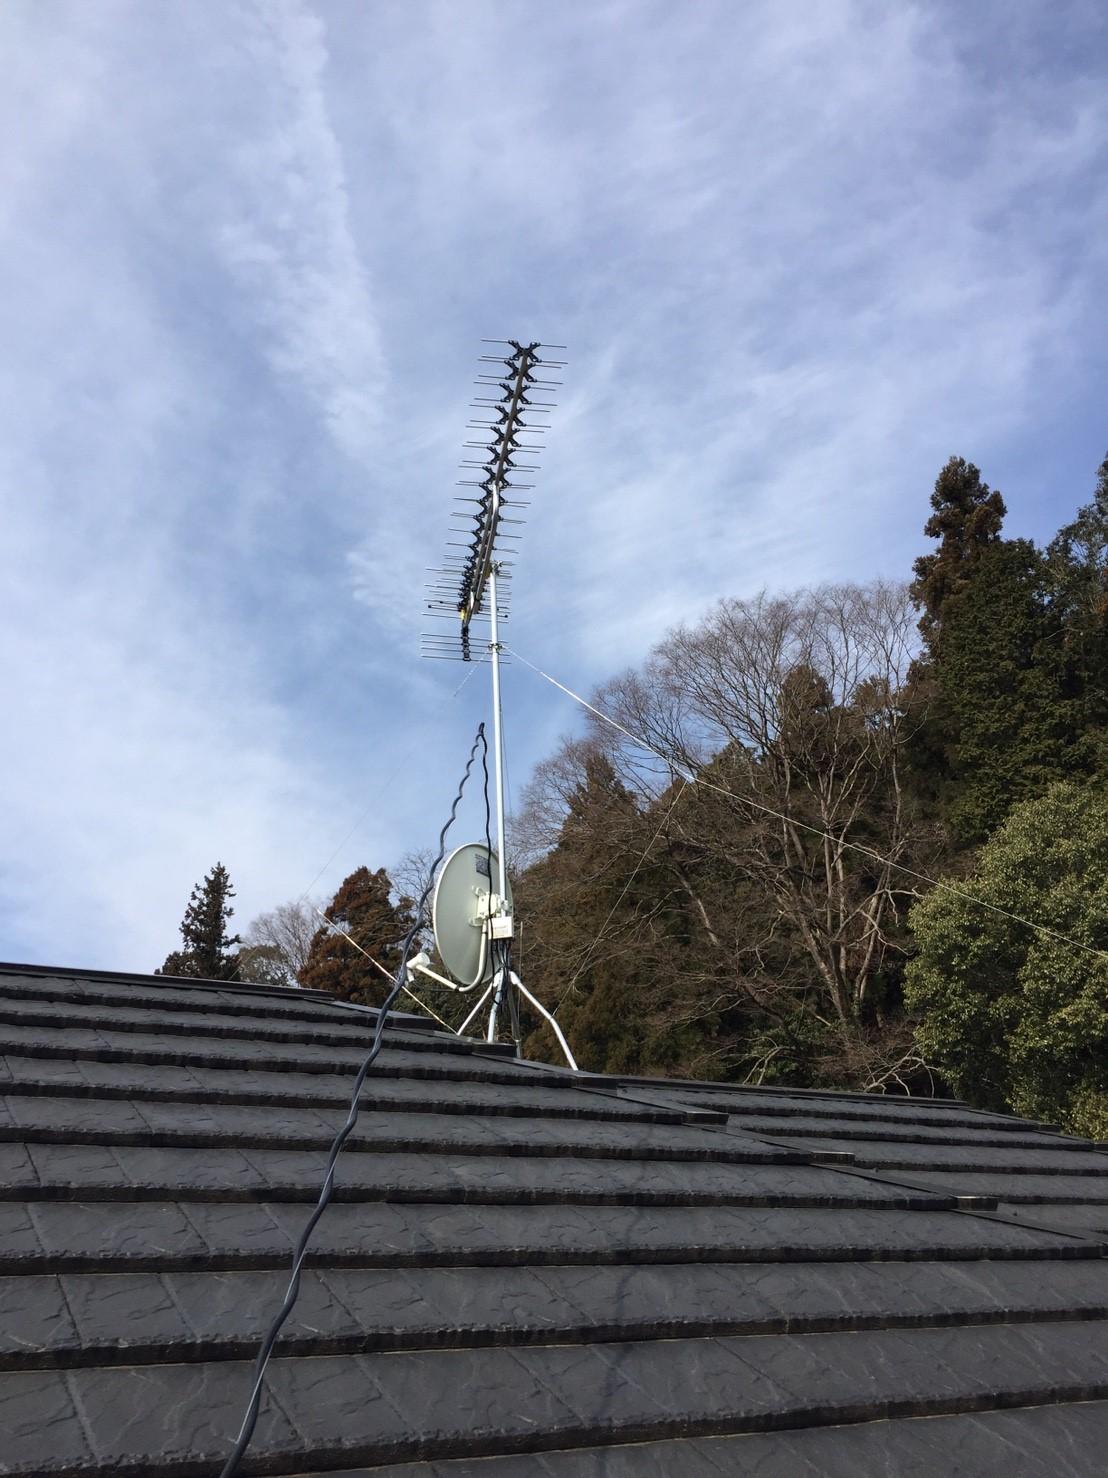 東京都 青梅市 八木式アンテナ BS・110°CSアンテナ アンテナ工事